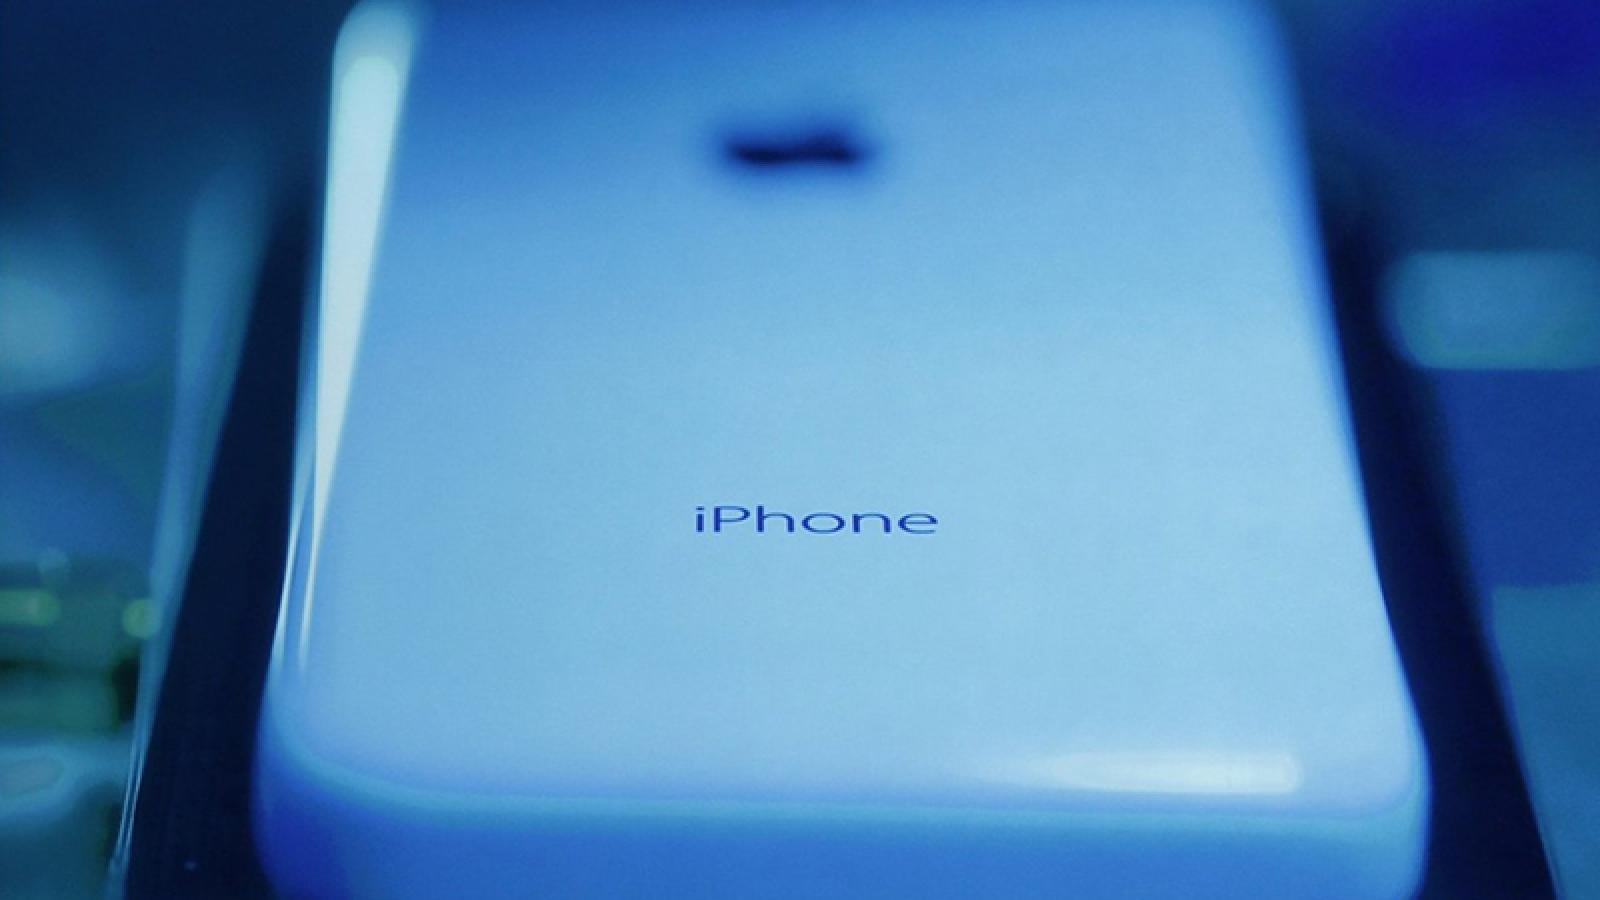 """Đâu là thành viên """"tệ nhất"""" trong đại gia đình iPhone?"""